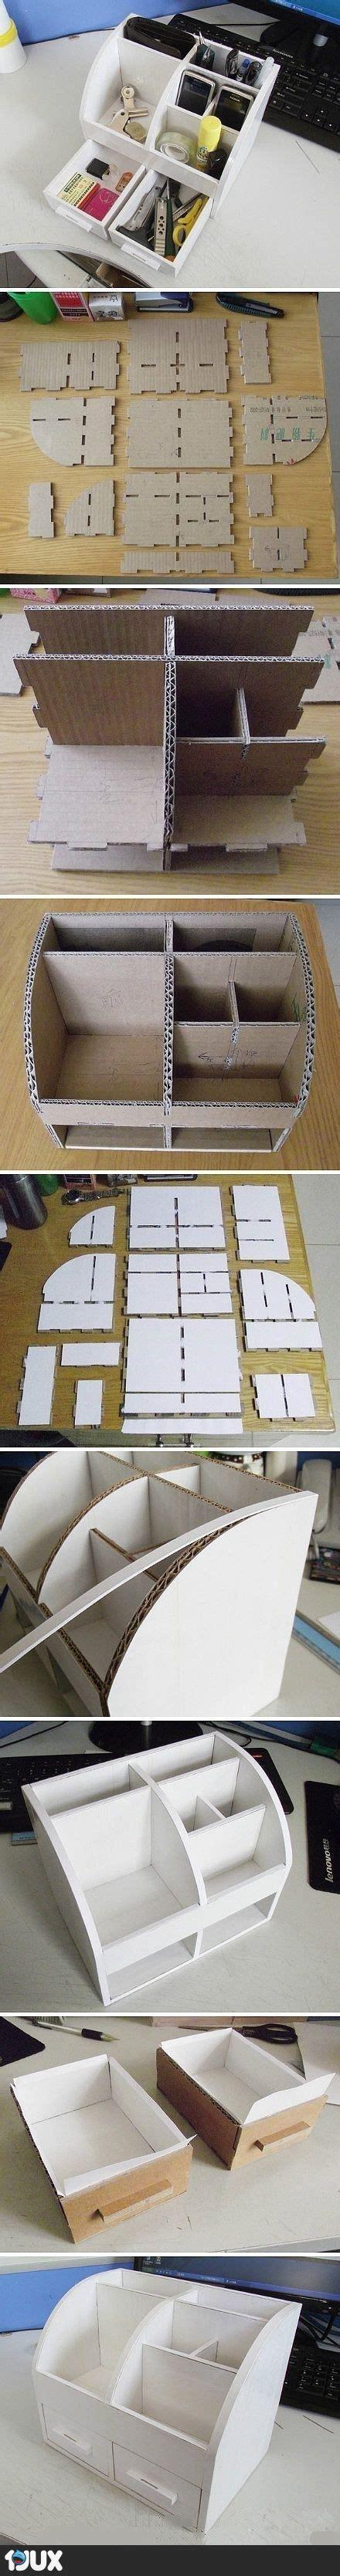 handwerk schrank organisation ideen tisch organizer aus pappe desk organizer diy